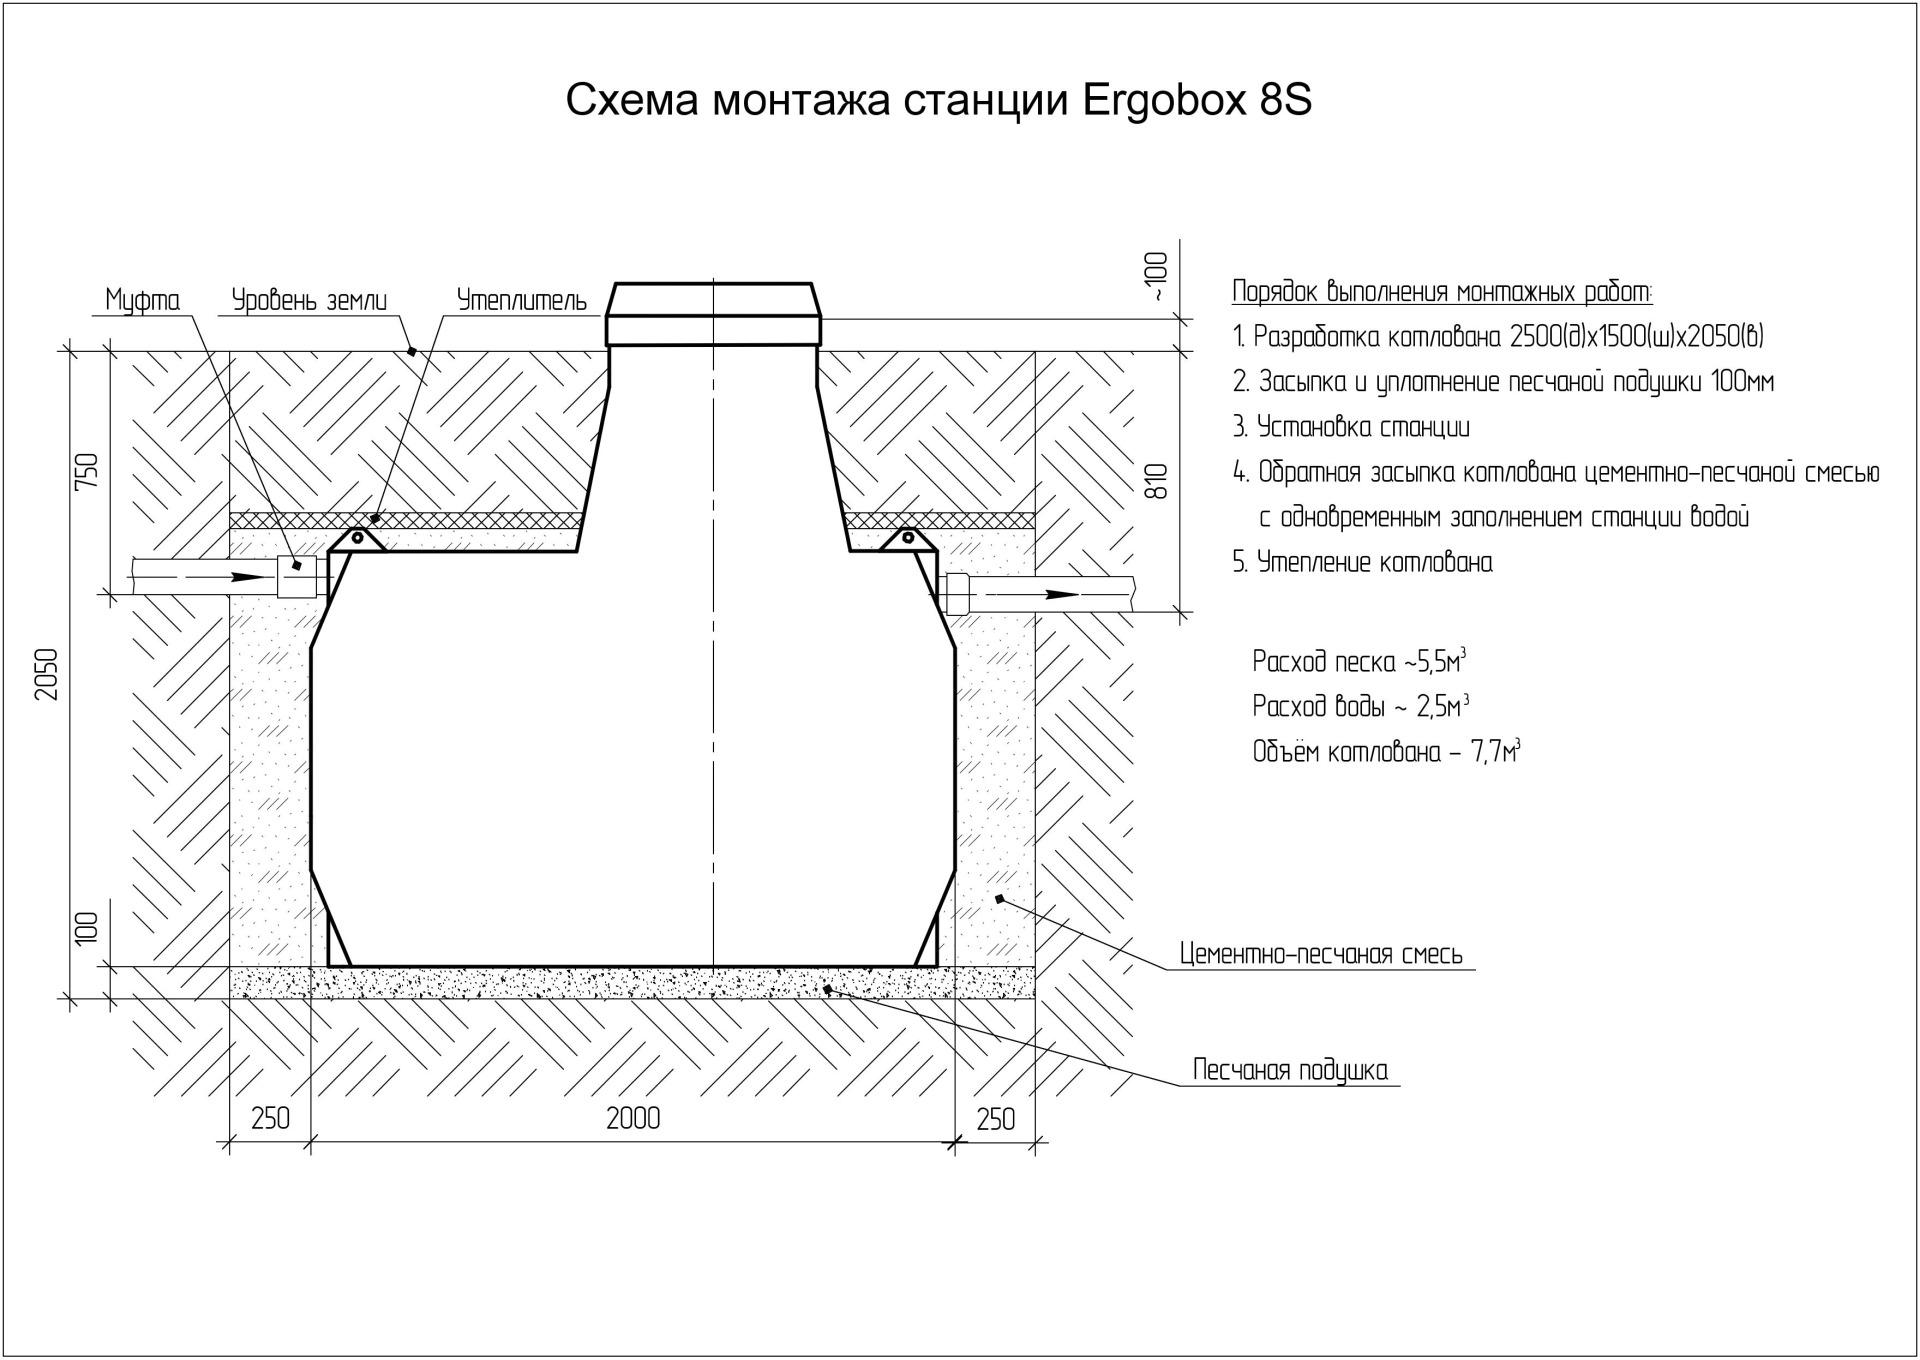 Монтажная схема Эргобокс 8 S